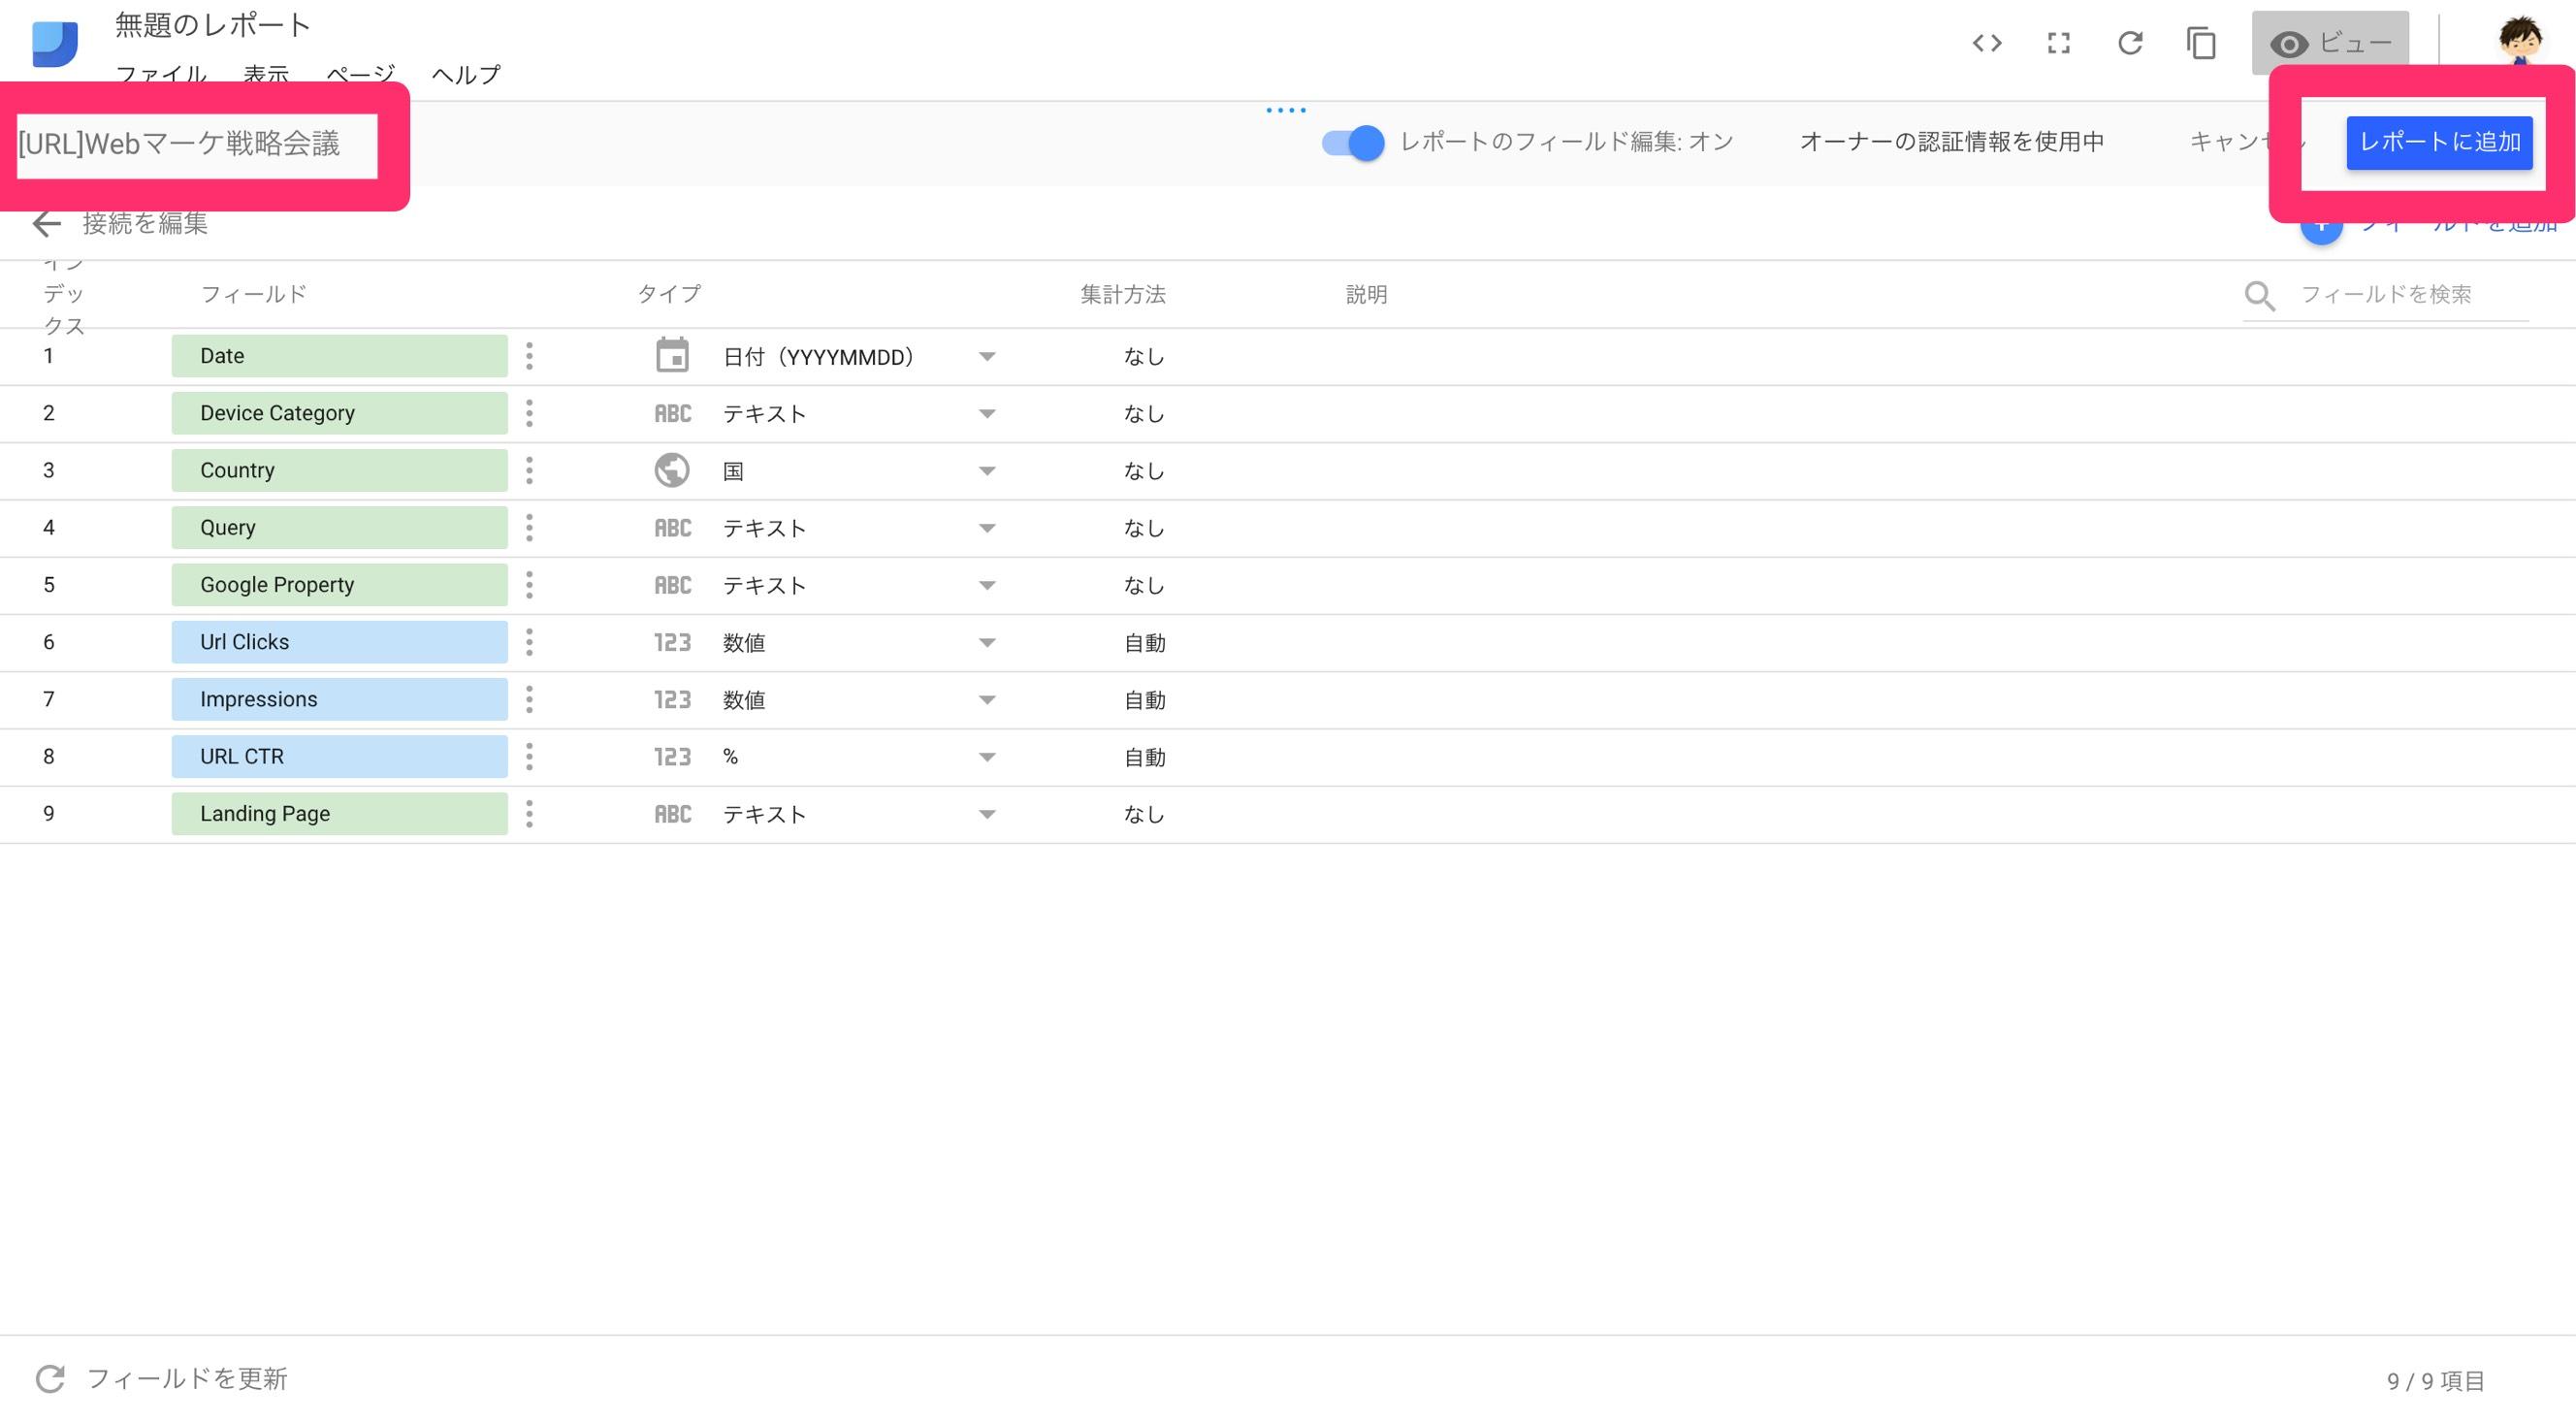 03データスタジオにsearch_consoleのレポートを追加